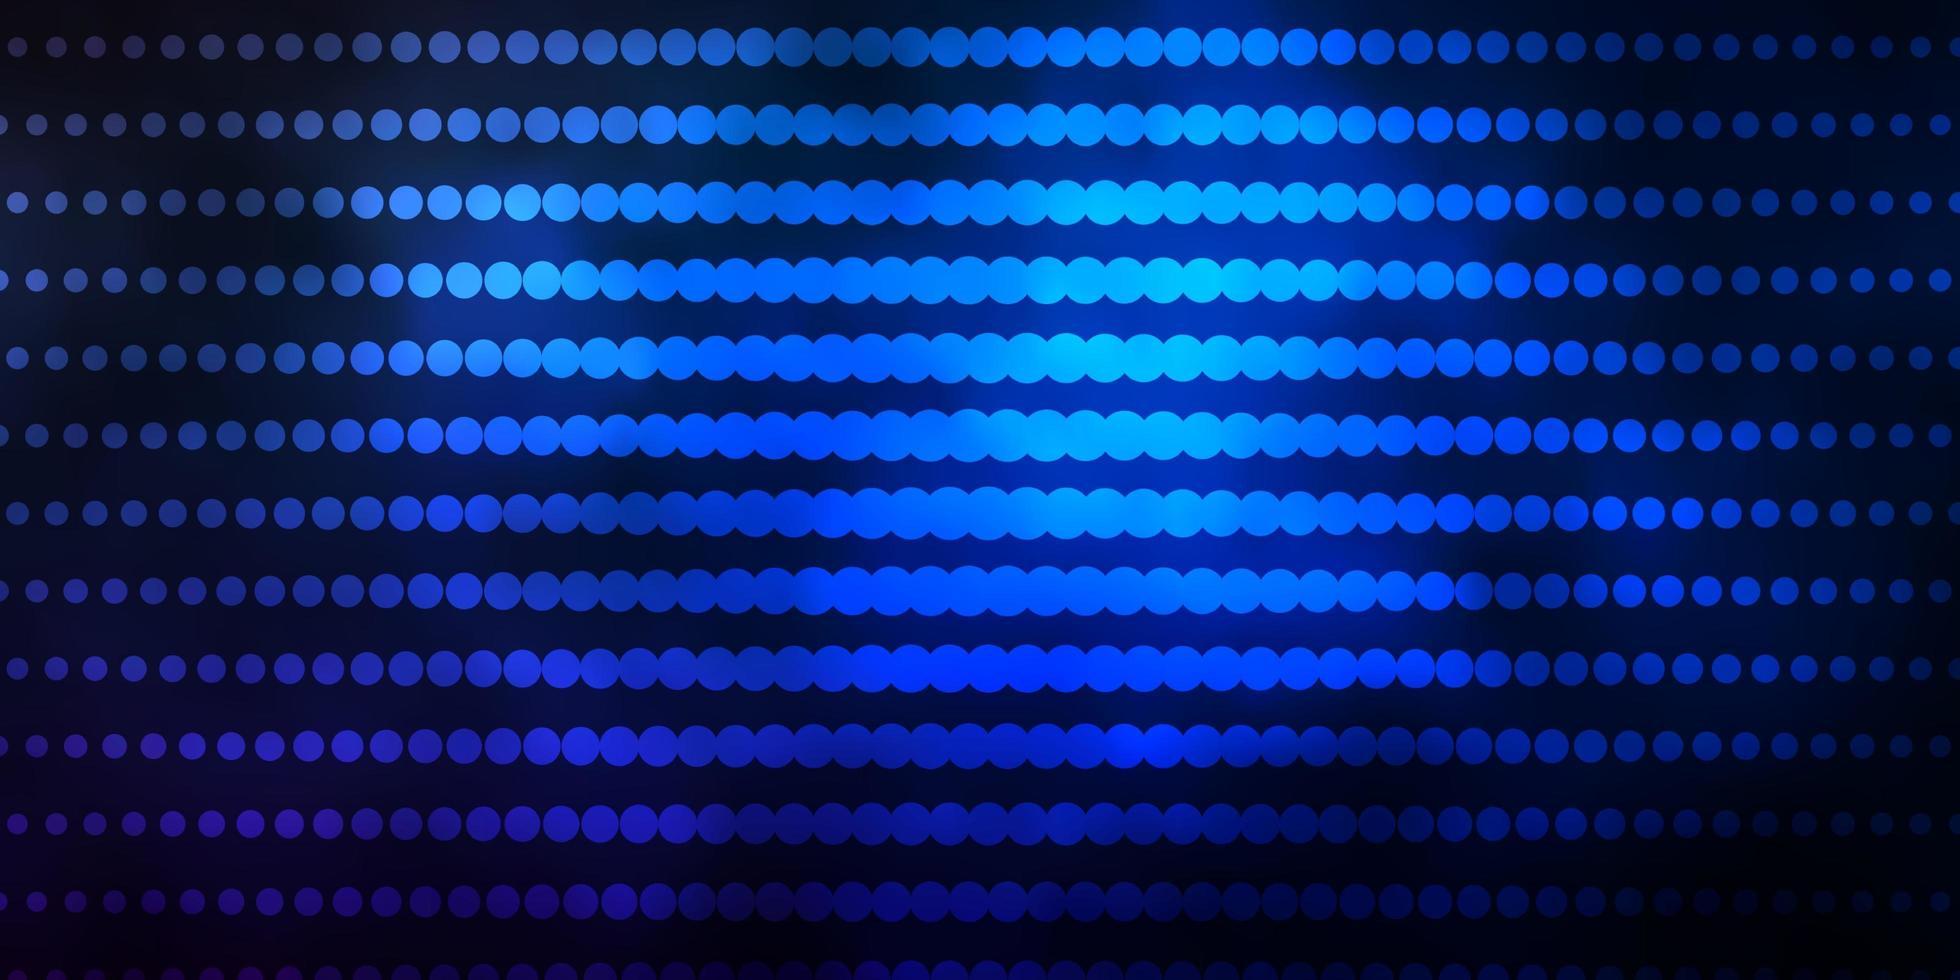 mörkblå bakgrund med cirklar. vektor